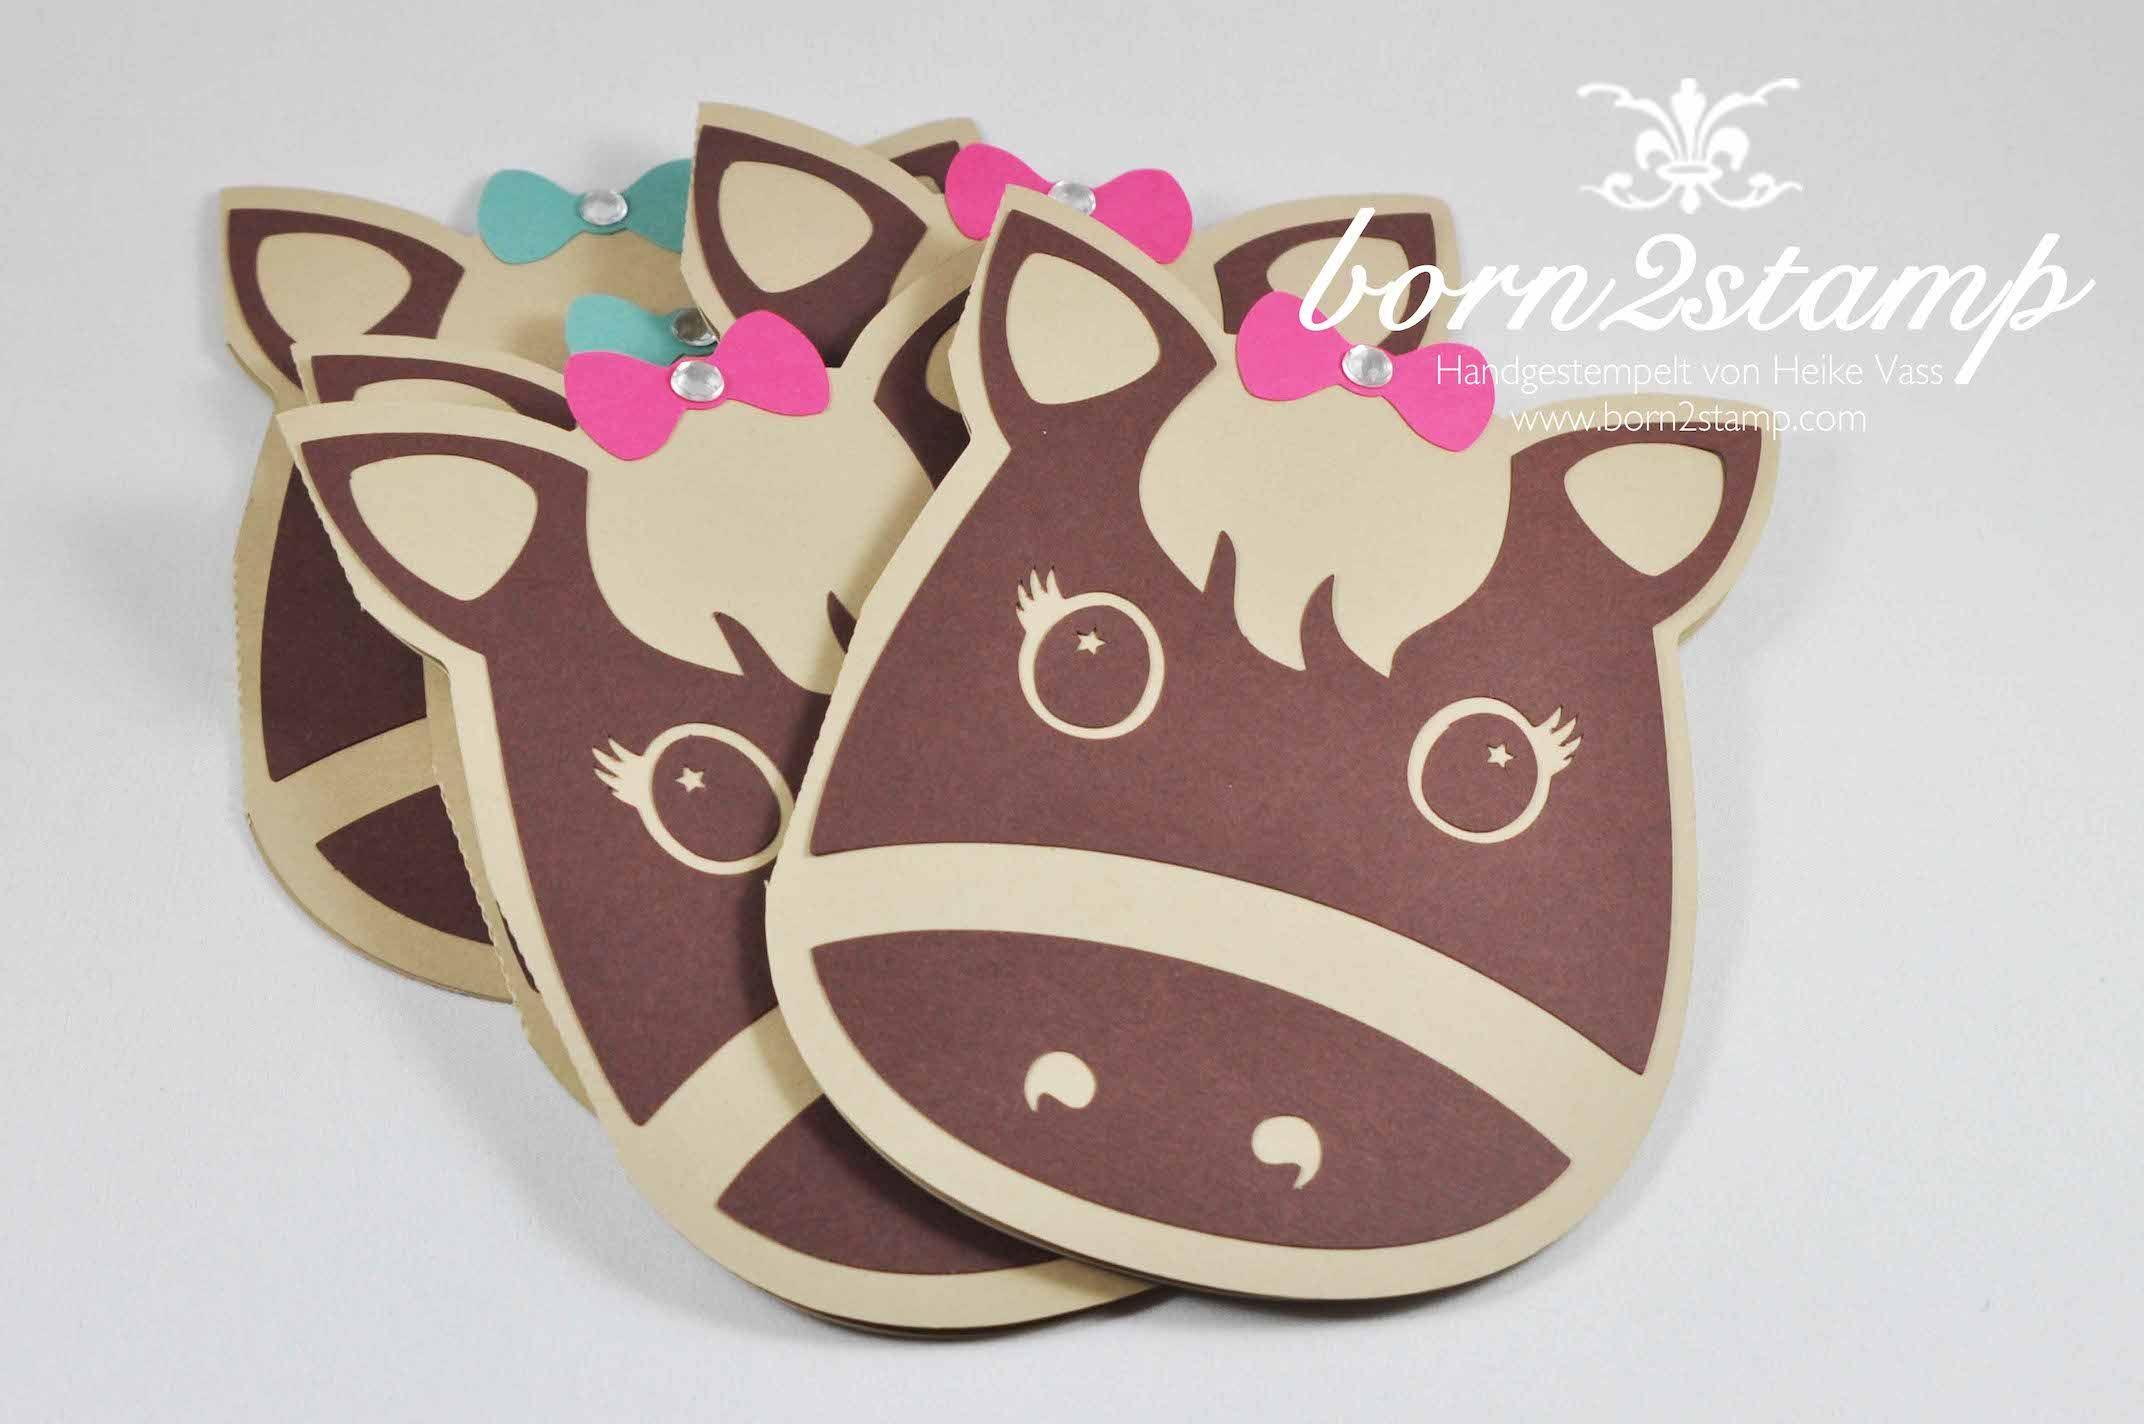 stampin' up! born2stamp einladung pferdeparty kindergeburtstag, Einladungskarten